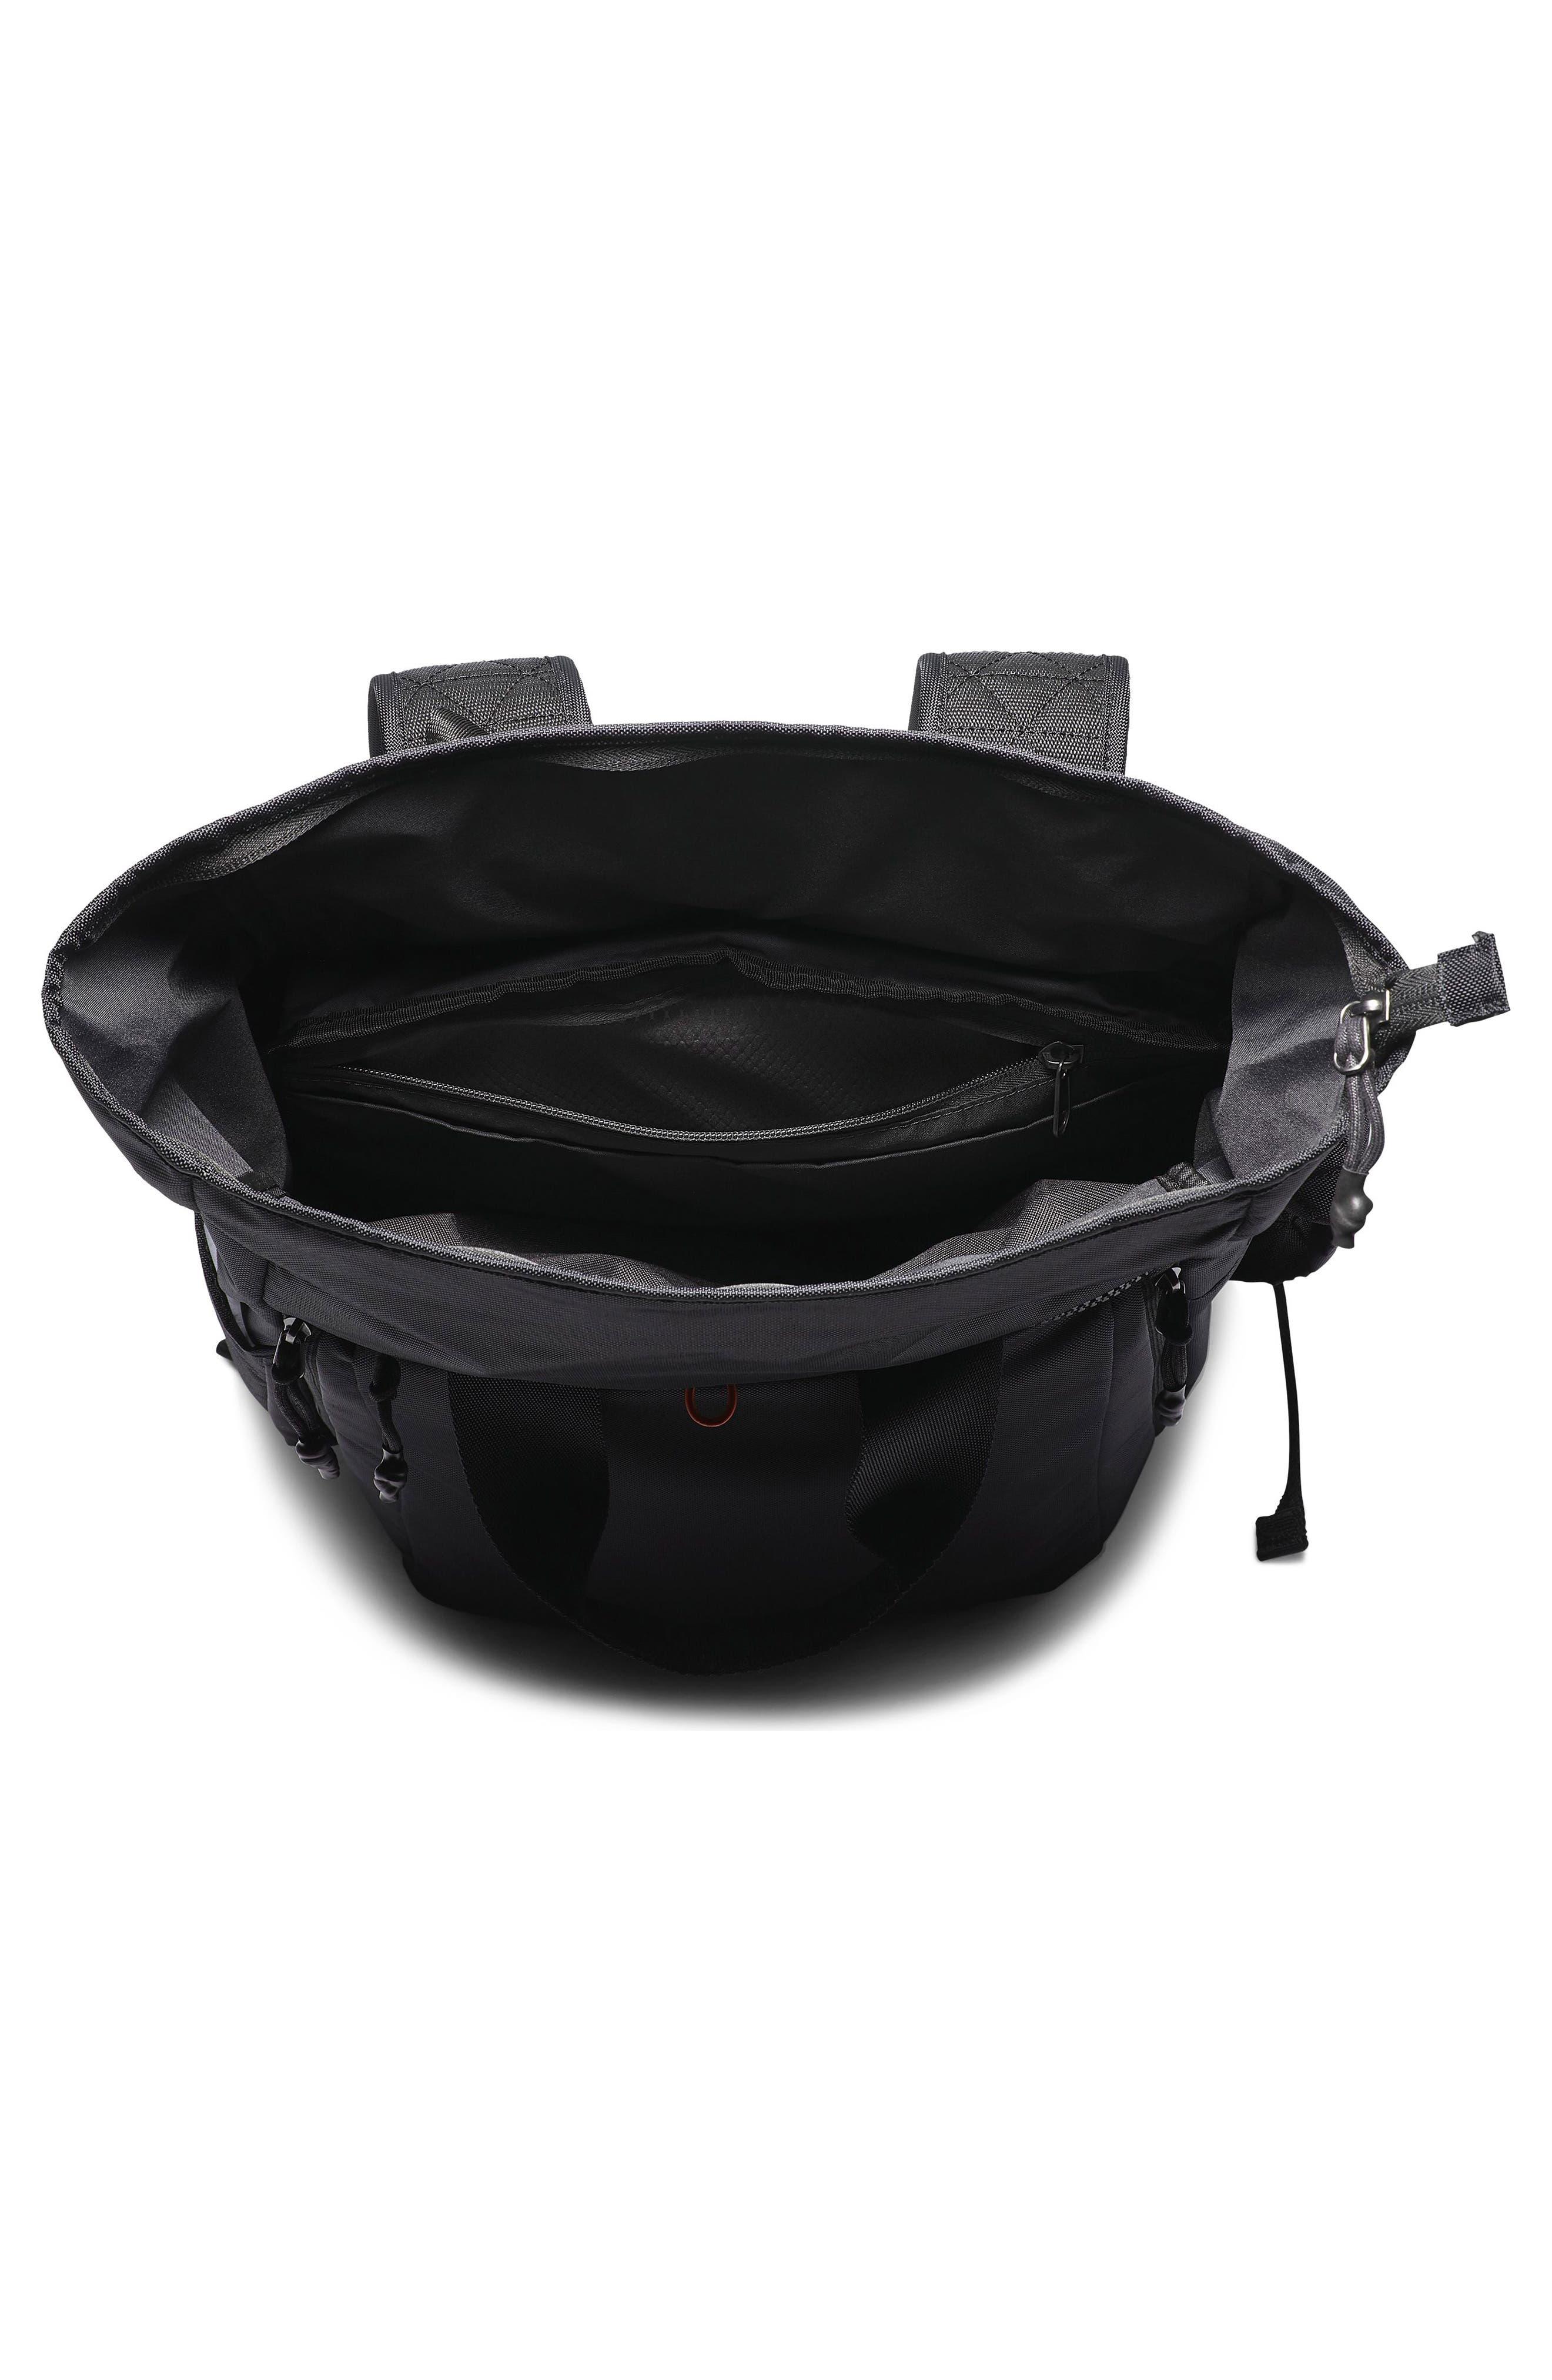 NIKE, Vapor Energy 2.0 Training Backpack, Alternate thumbnail 4, color, BLACK